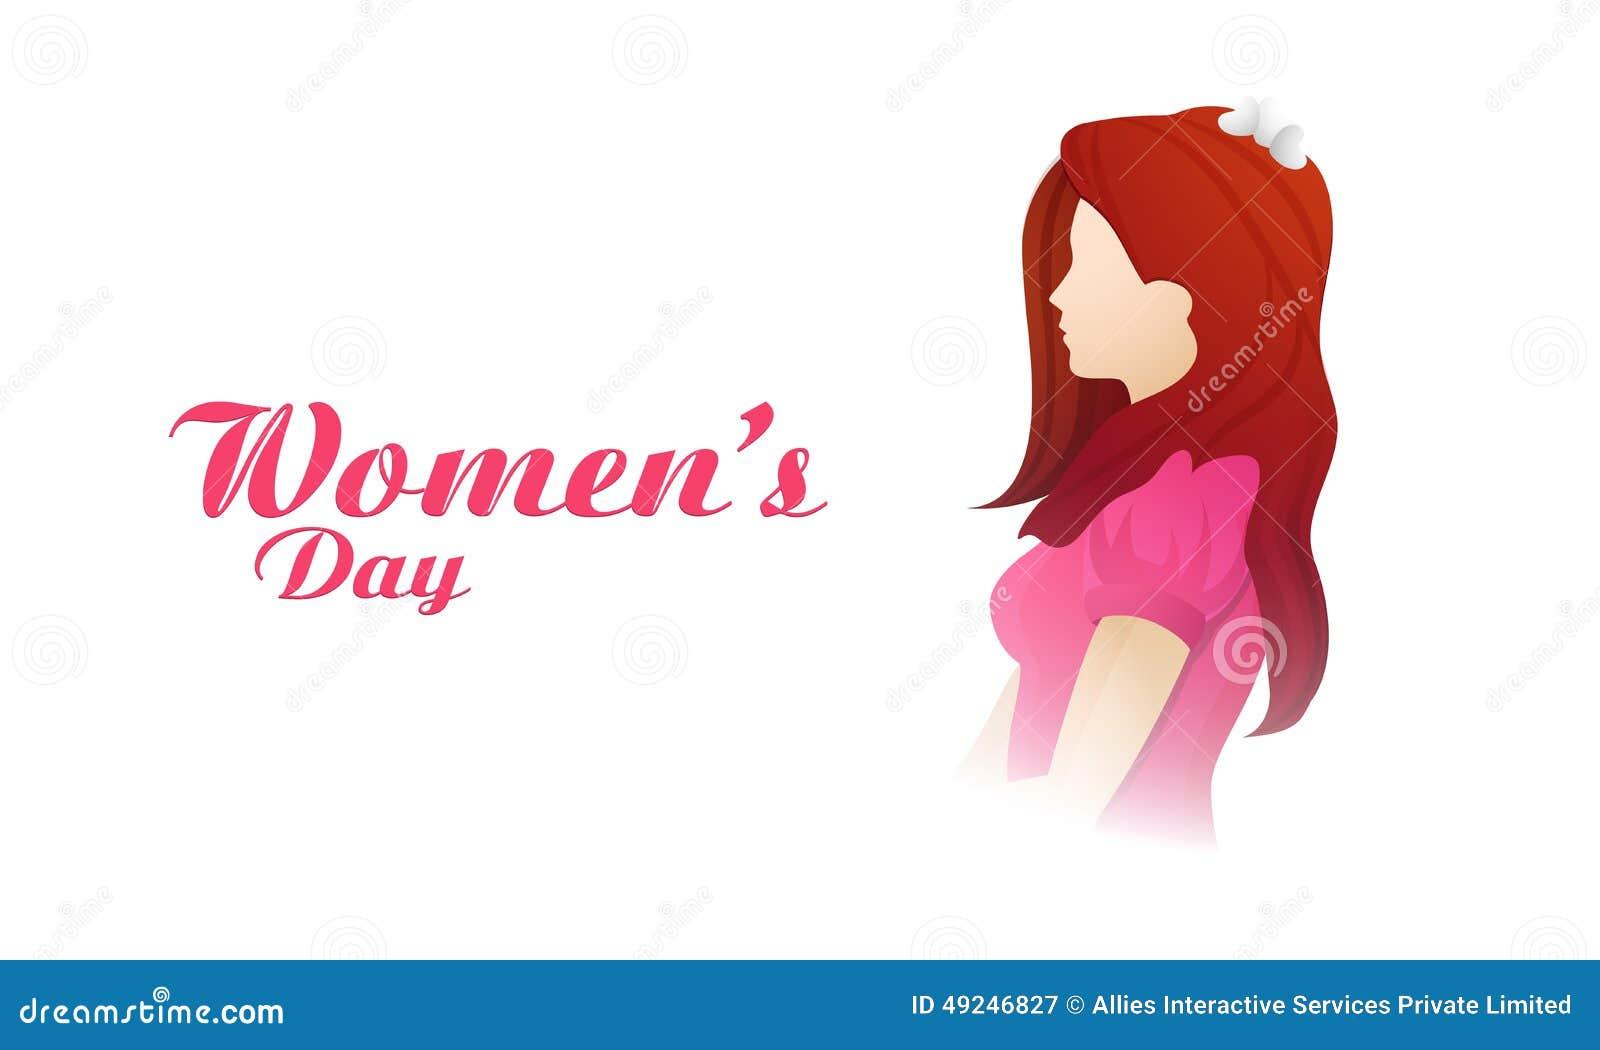 Woman Day Beautiful 67